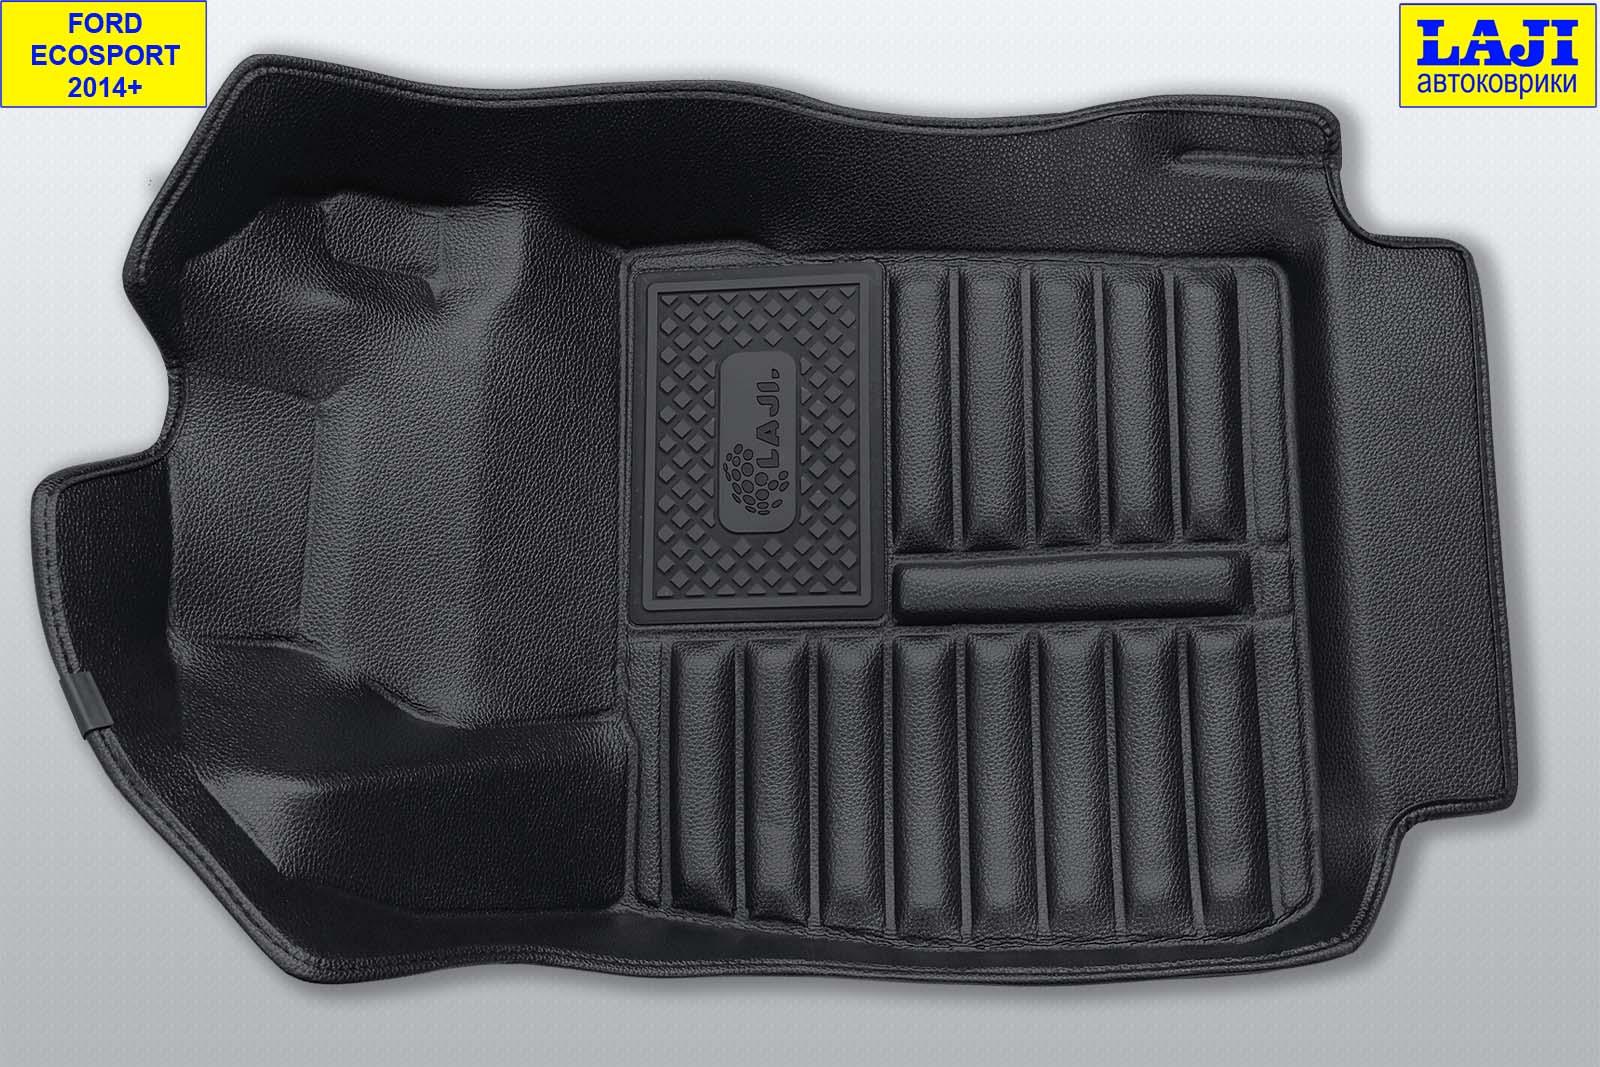 5D коврики в салон Ford Ecosport 2014-н.в. 3